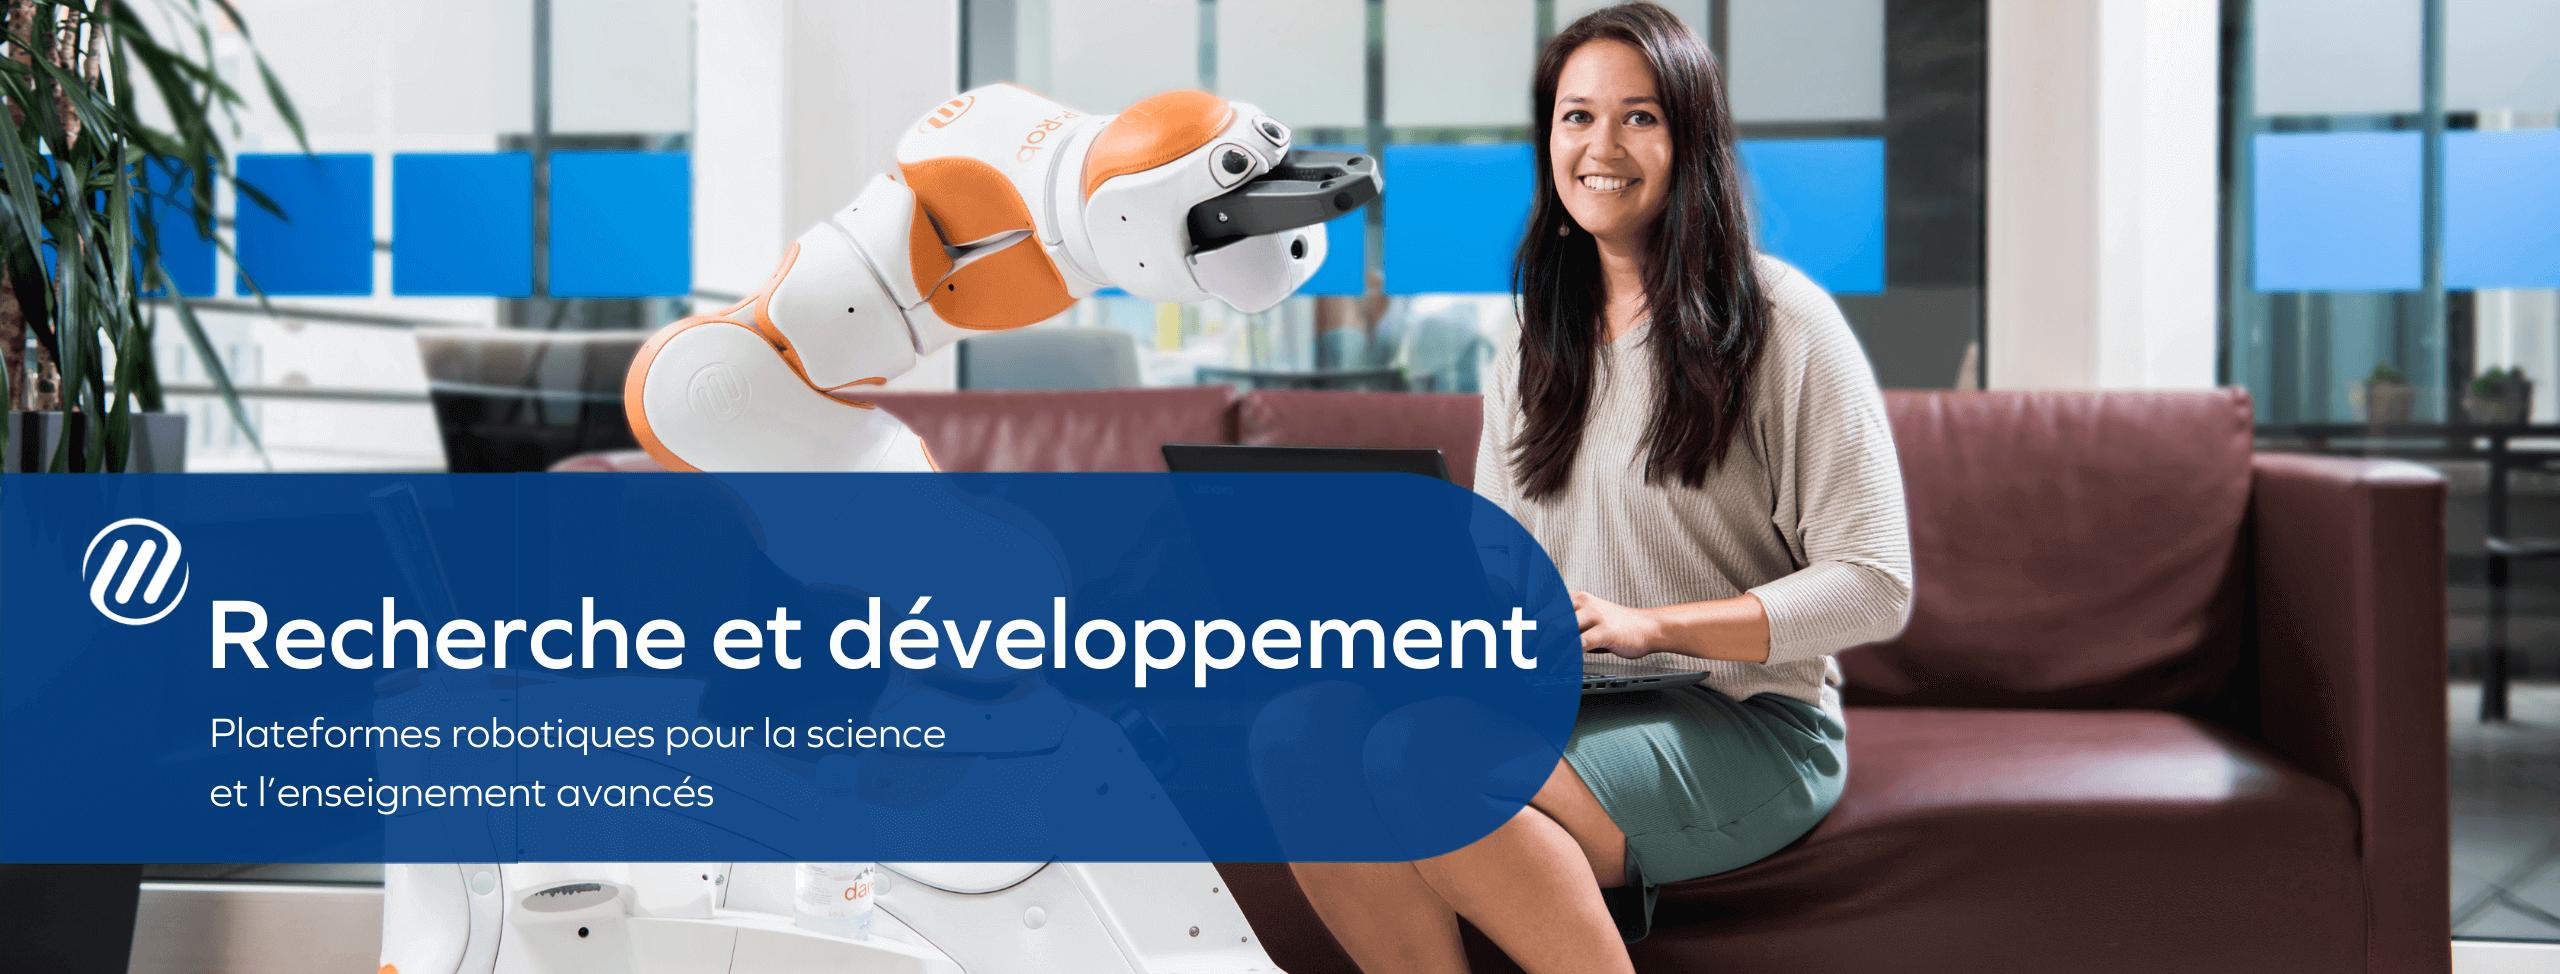 Recherche et développement - Plateformes robotiques pour la science et l'enseignement avancés